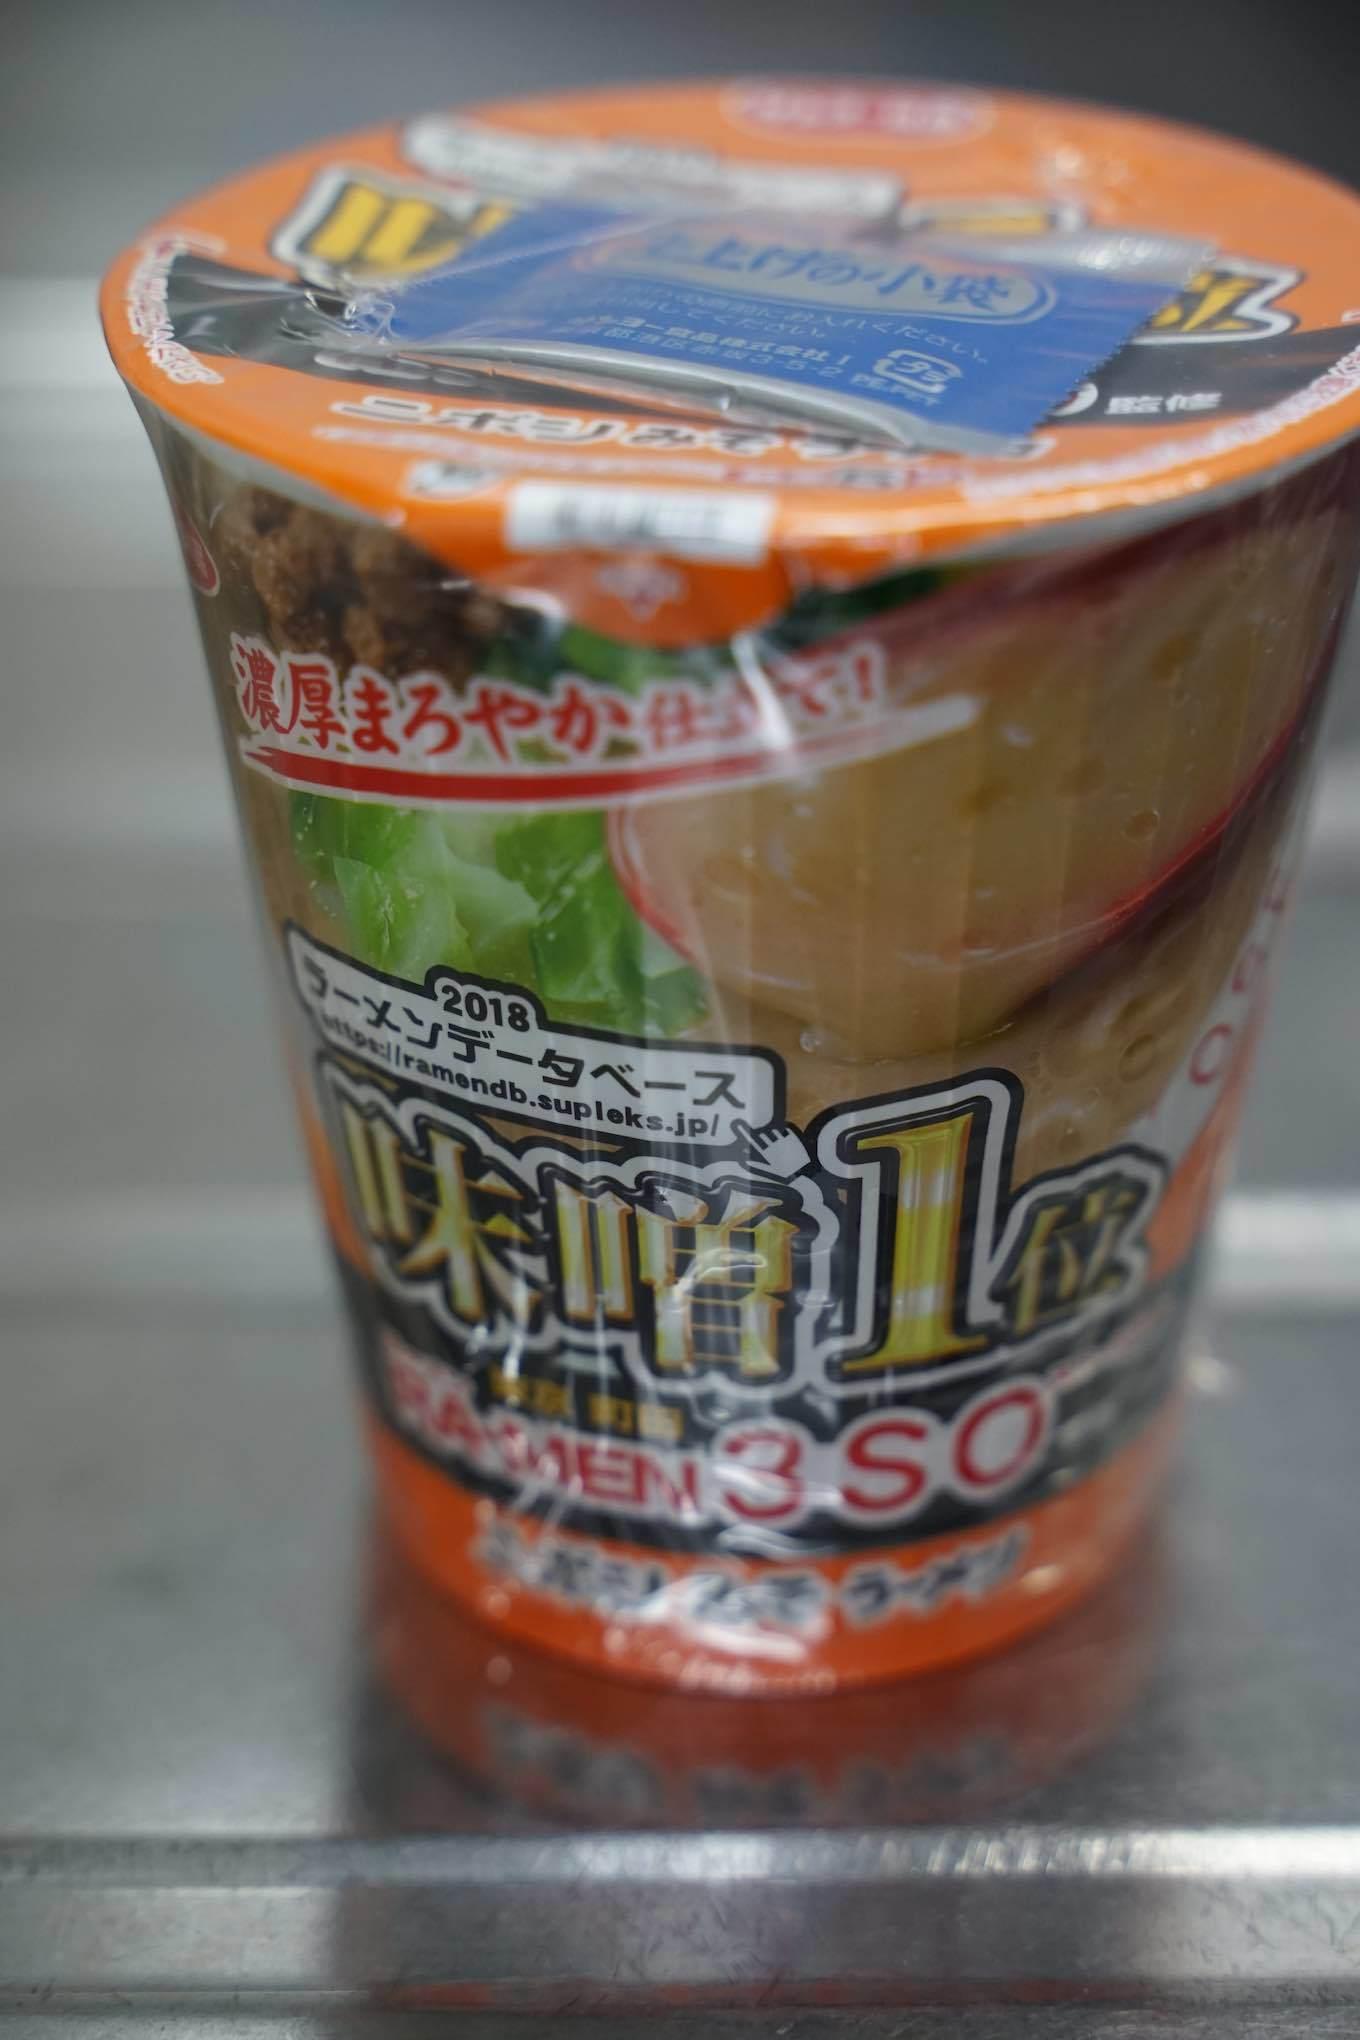 サンヨー食品 スリーエスオー監修 ニボシみそラーメン_b0360240_23312175.jpg